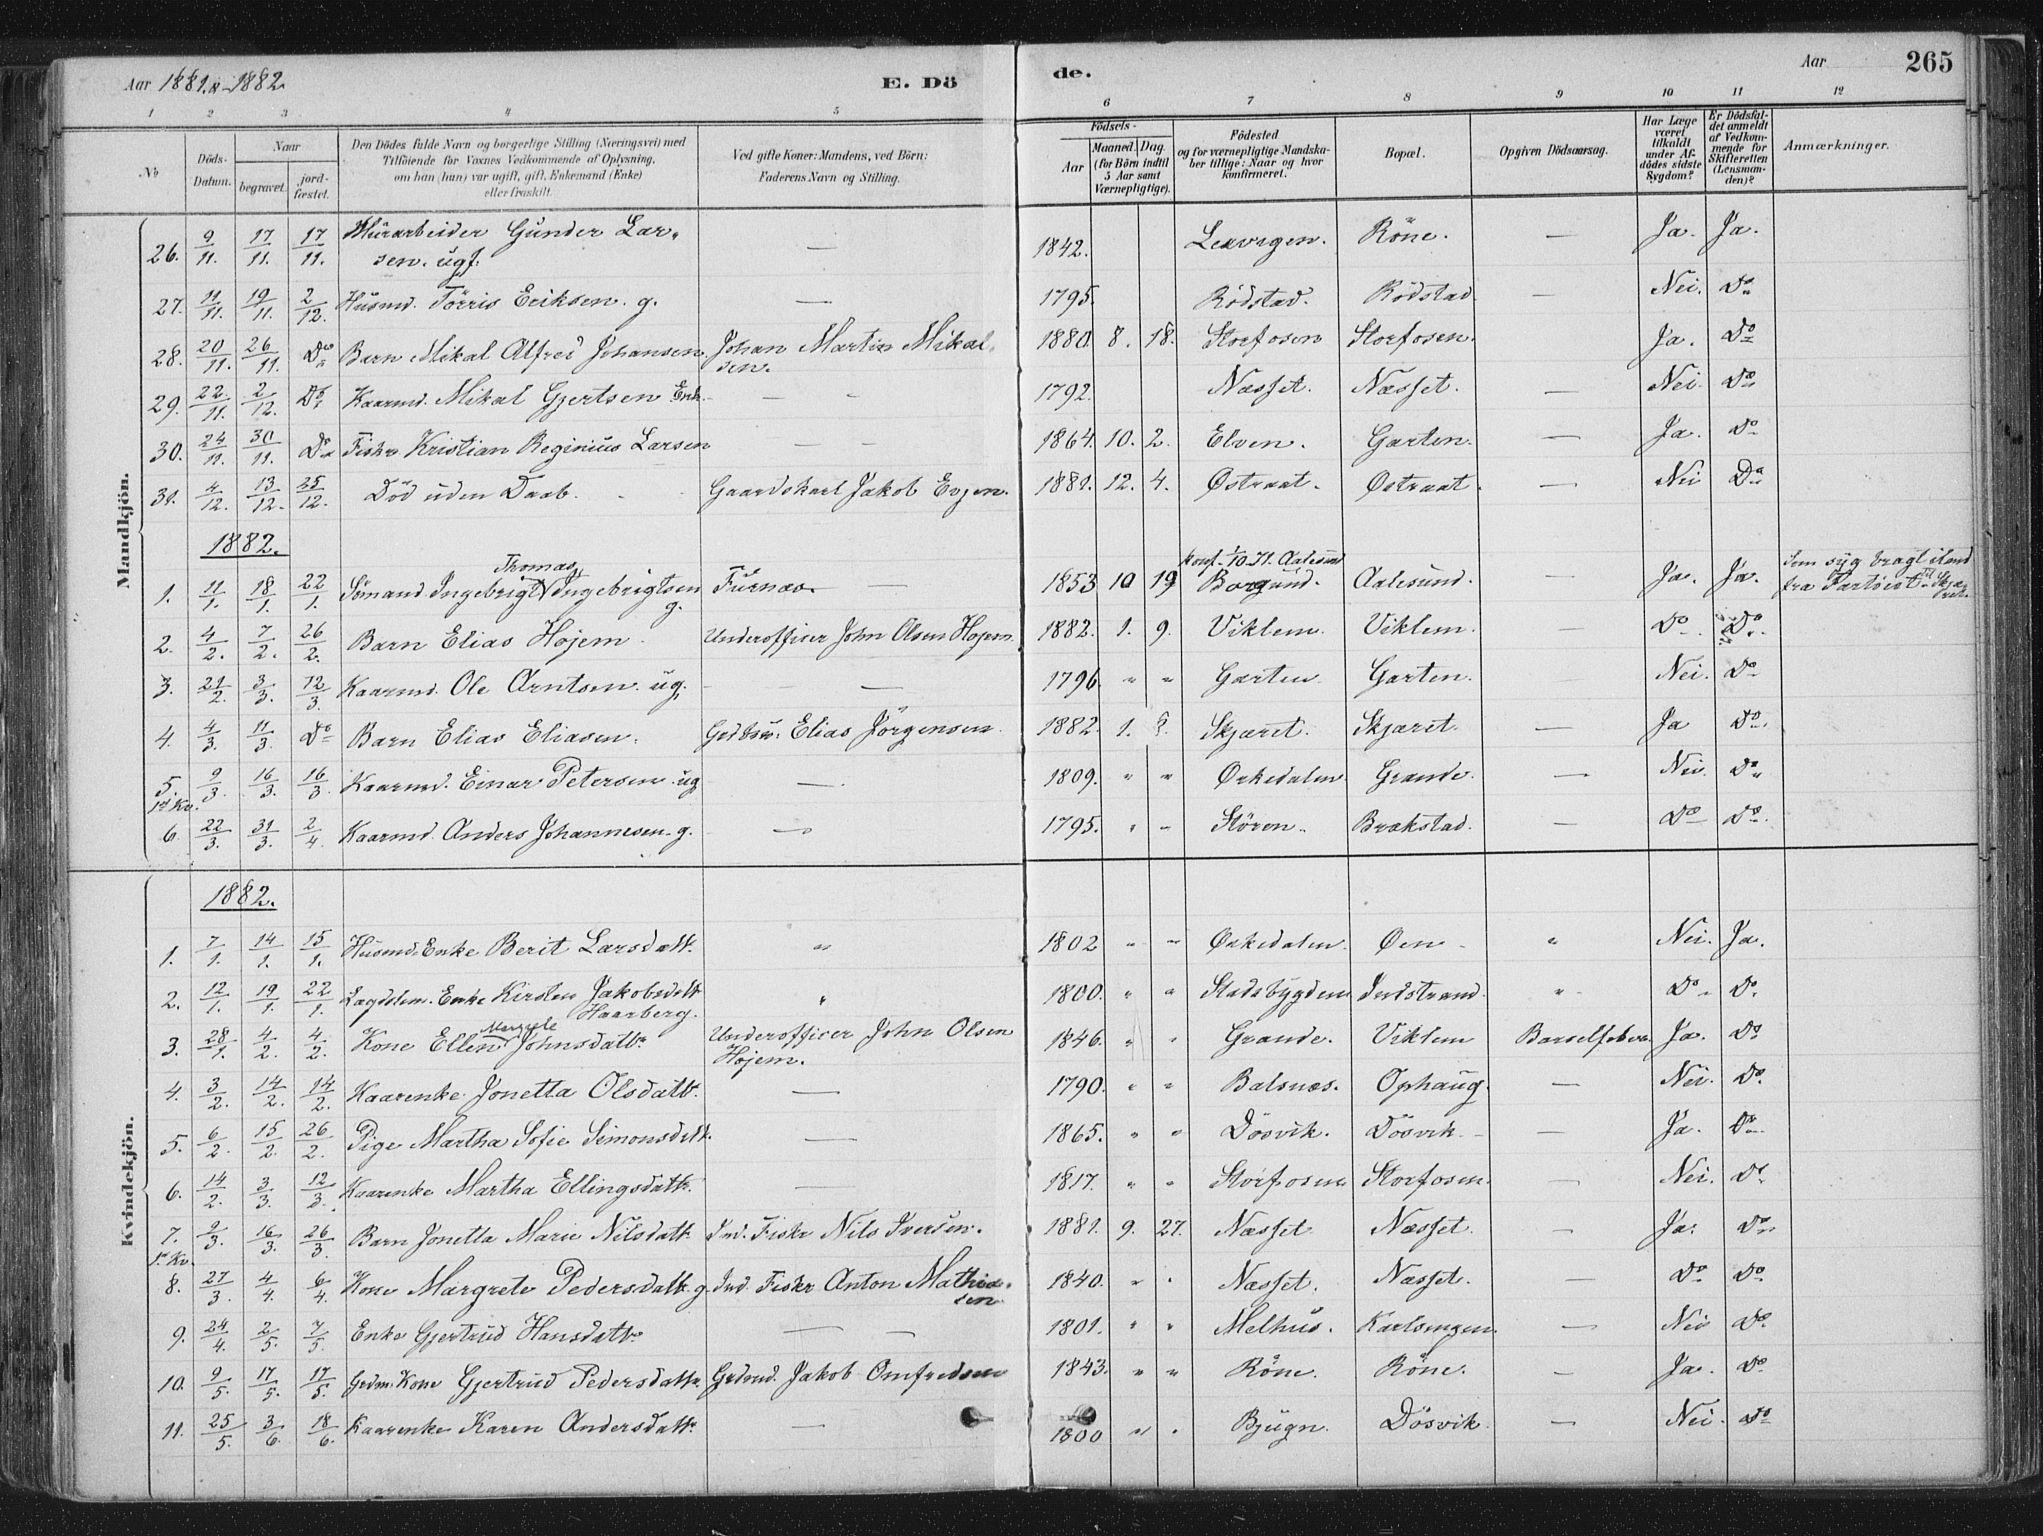 SAT, Ministerialprotokoller, klokkerbøker og fødselsregistre - Sør-Trøndelag, 659/L0739: Ministerialbok nr. 659A09, 1879-1893, s. 265